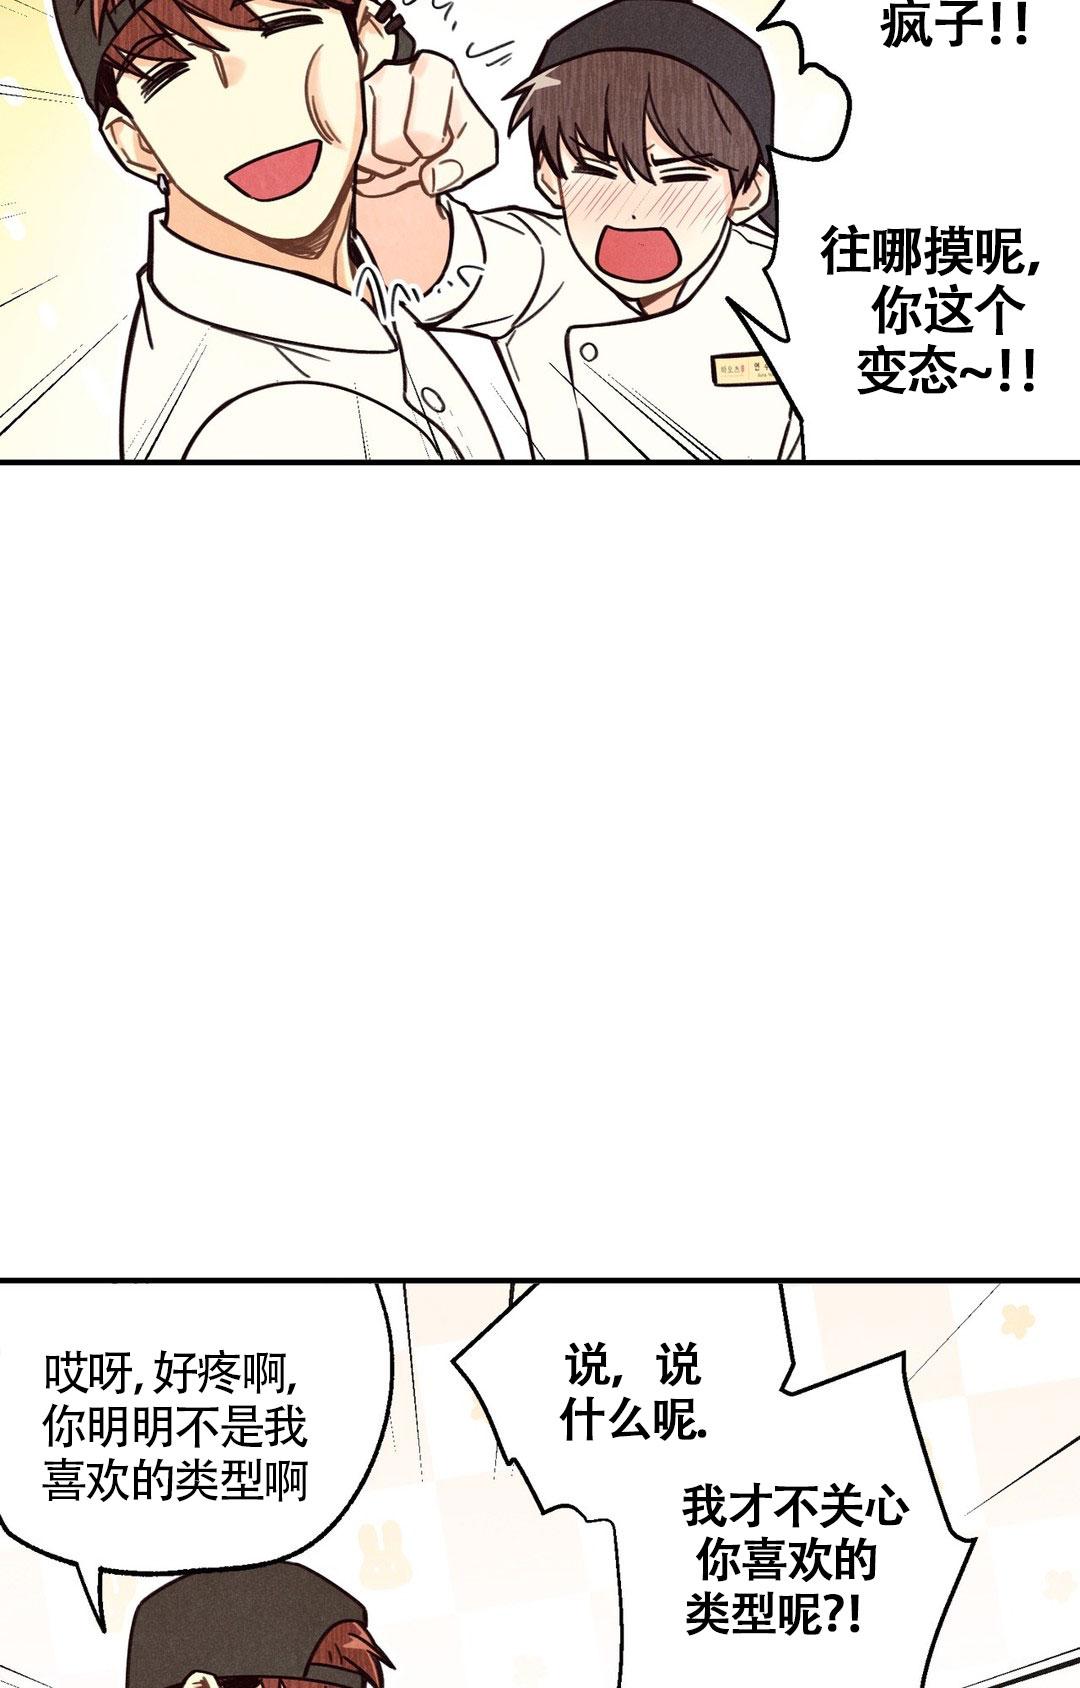 韩漫《偏偏》和师傅的浪漫恋爱故事~